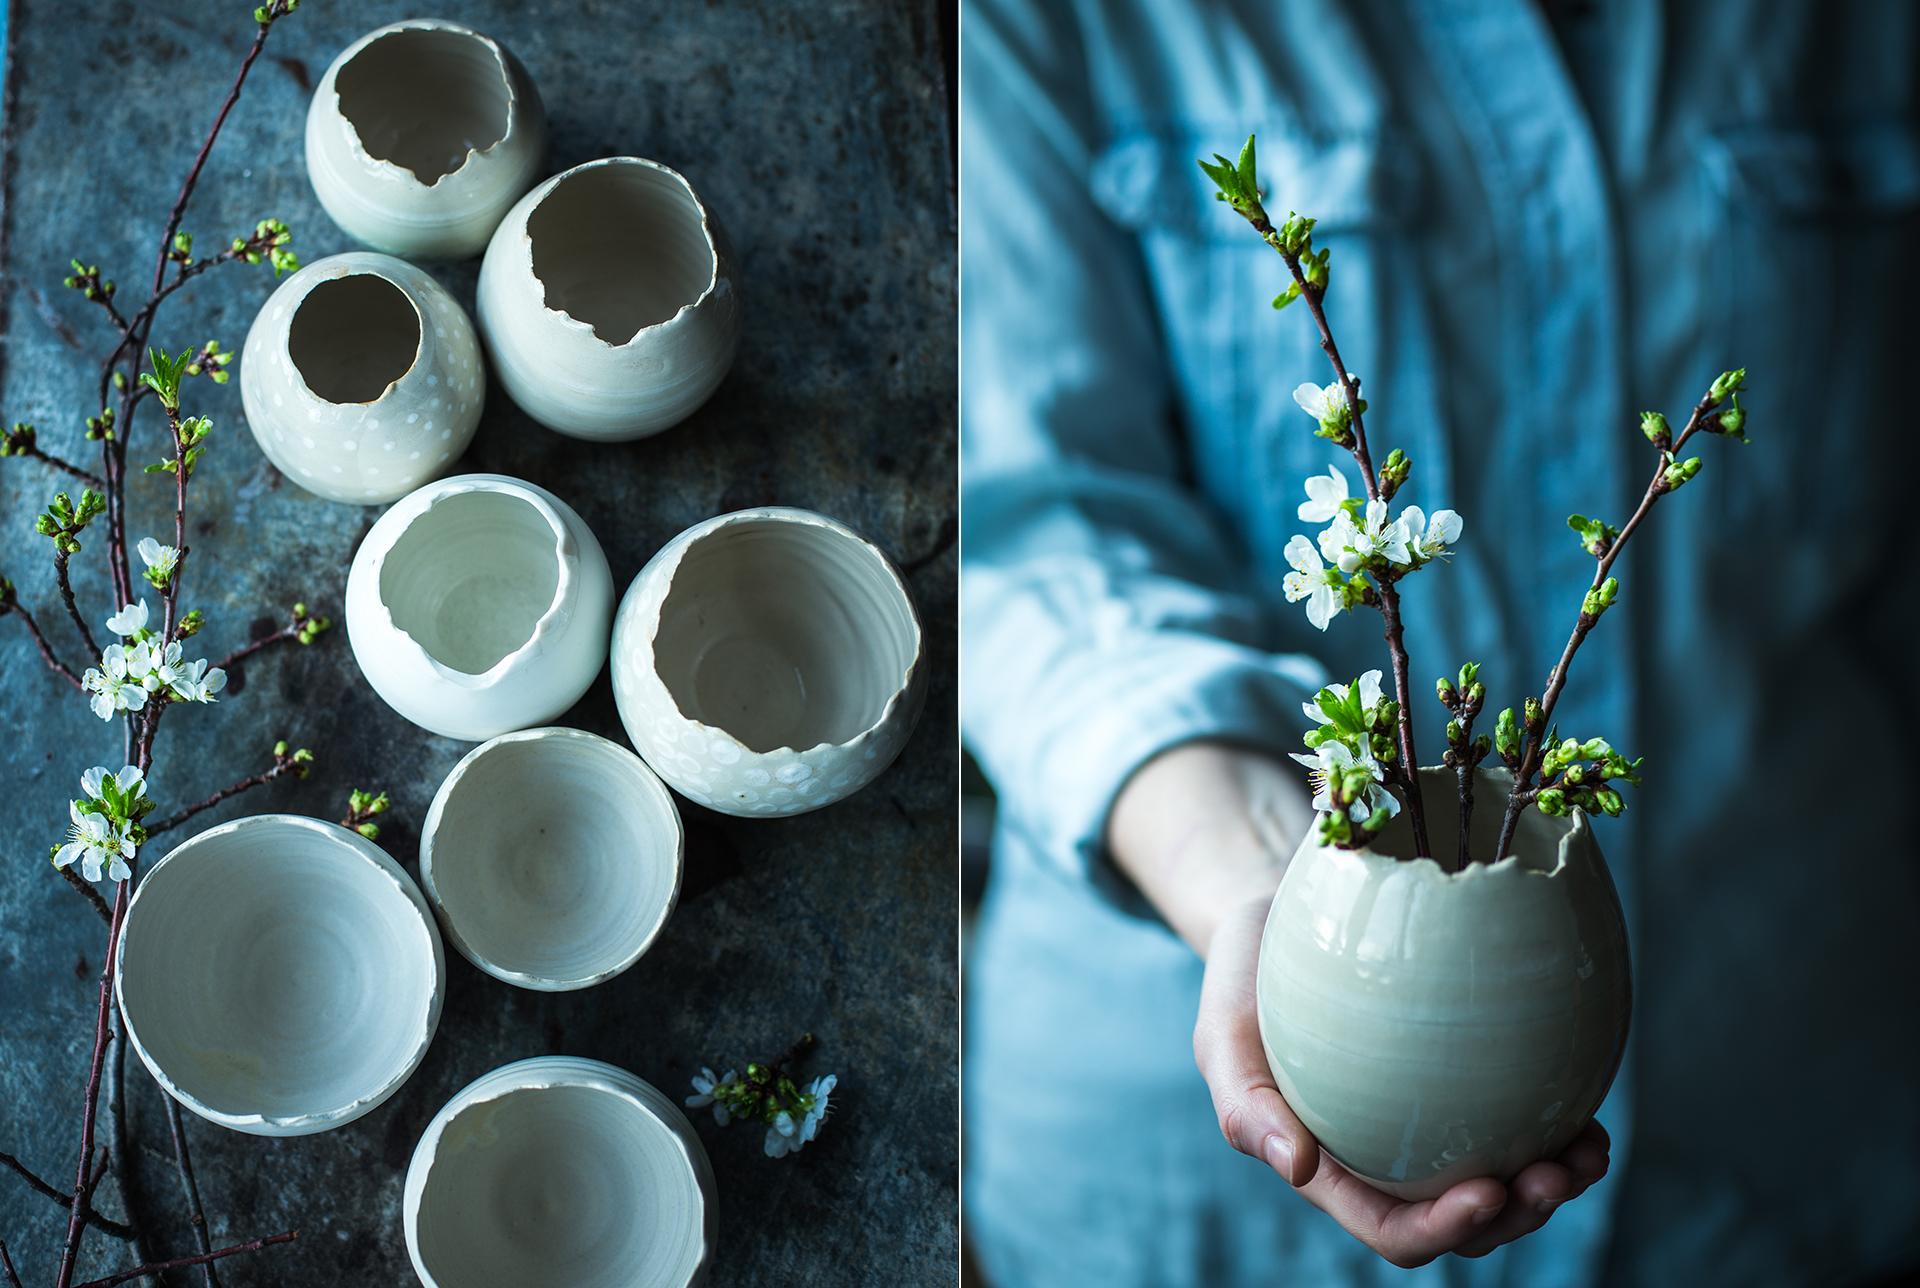 handgemachte Keramik in Ostereierform von Gabi Rittmeier fotografiert von Foodfotografie Katrin Winner